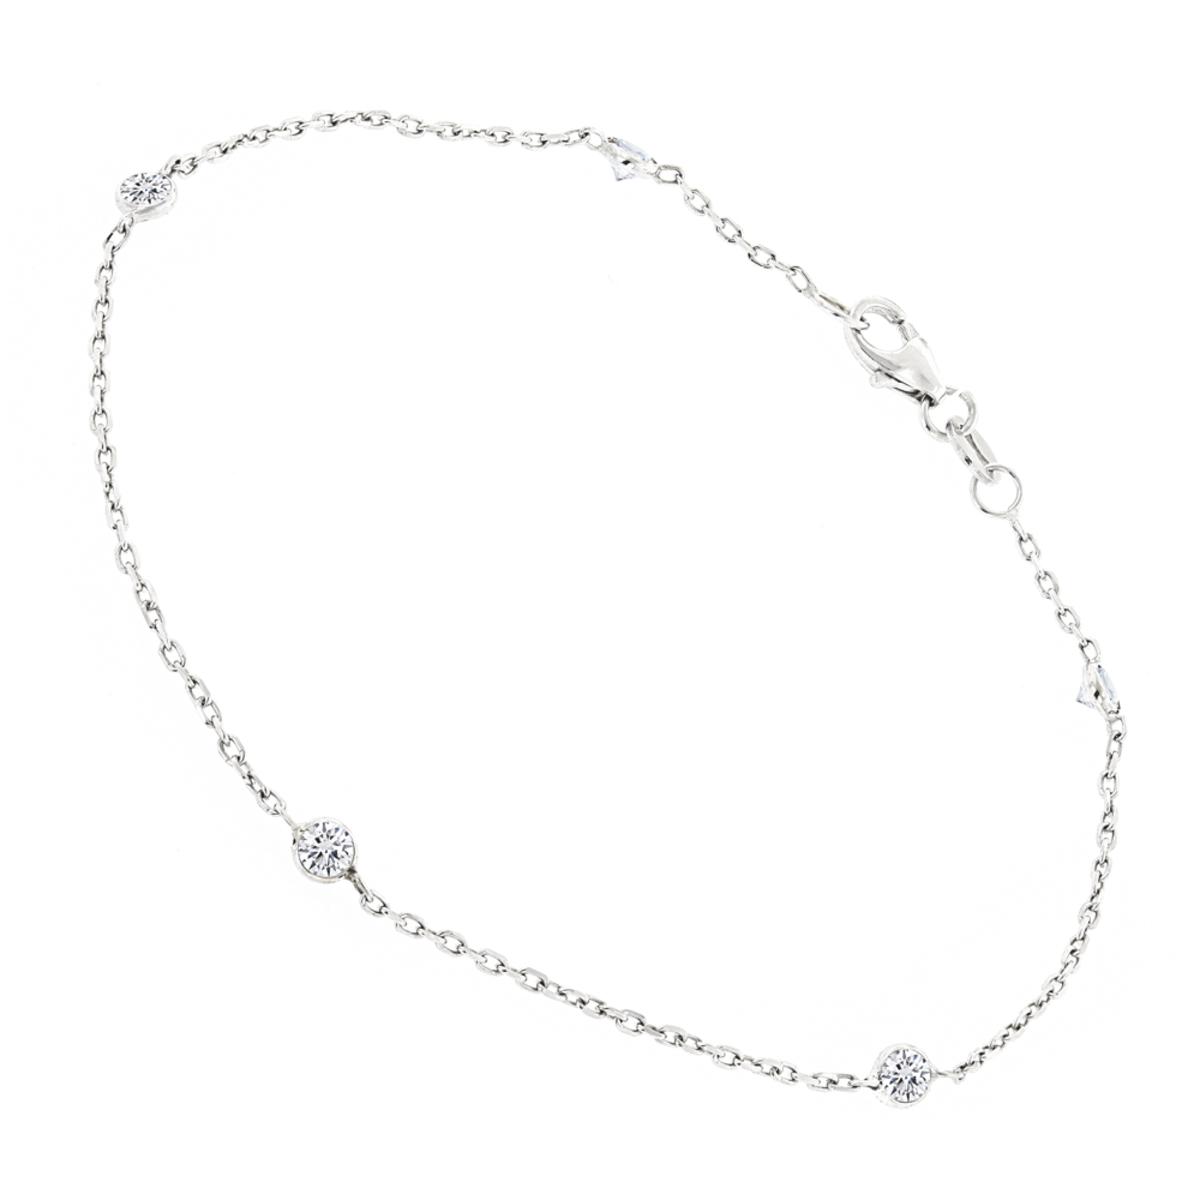 Luxurman 14K Gold Diamond By The Yard Bracelet for Women 1/2 Carat 7in